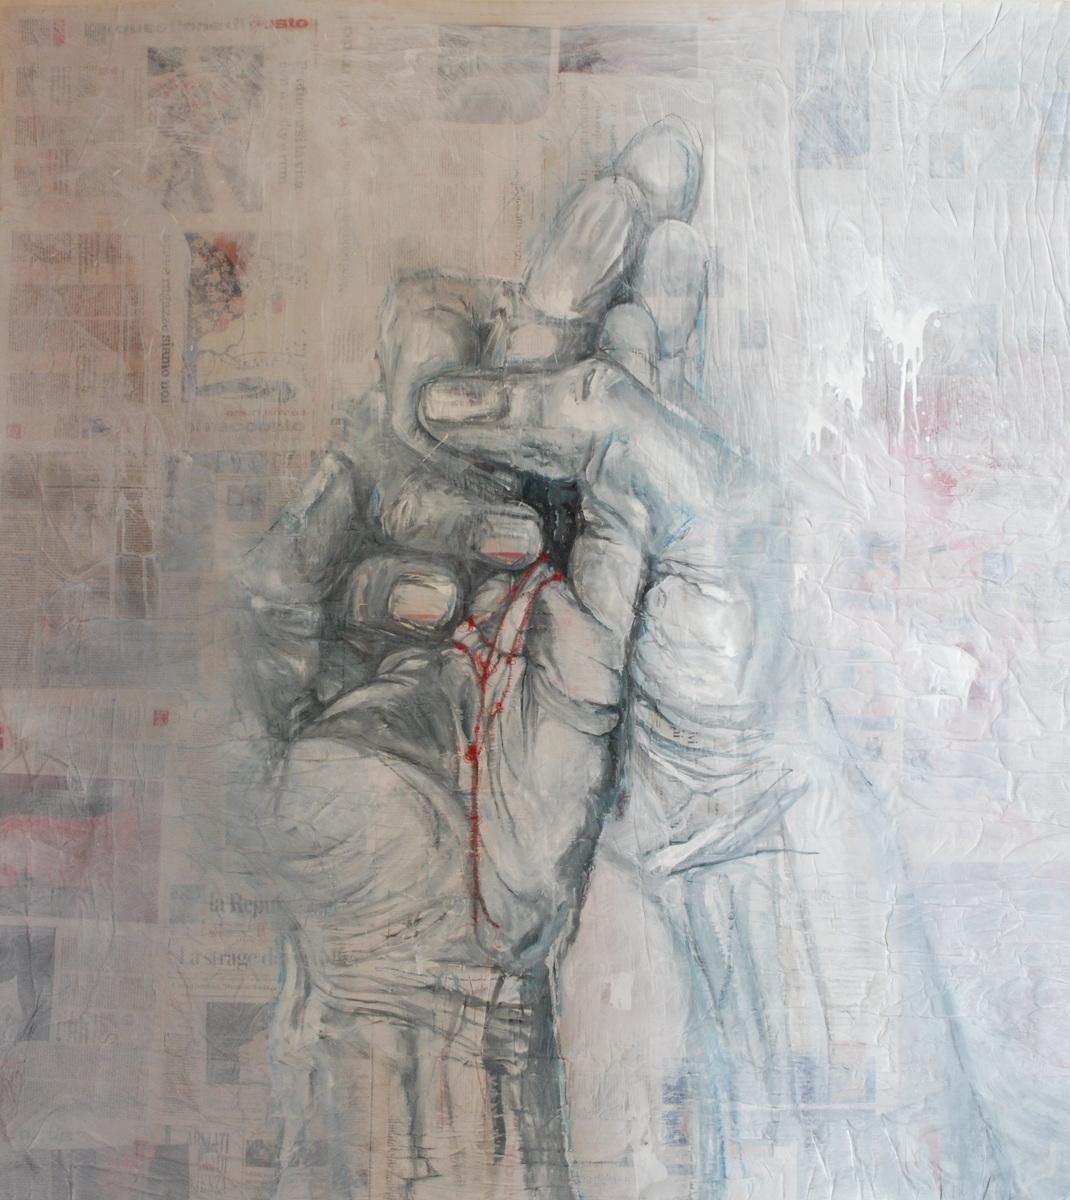 Martina Dalla Stella - Rammendi, tecnica mista su carta su tela, 155x150 cm, 2021